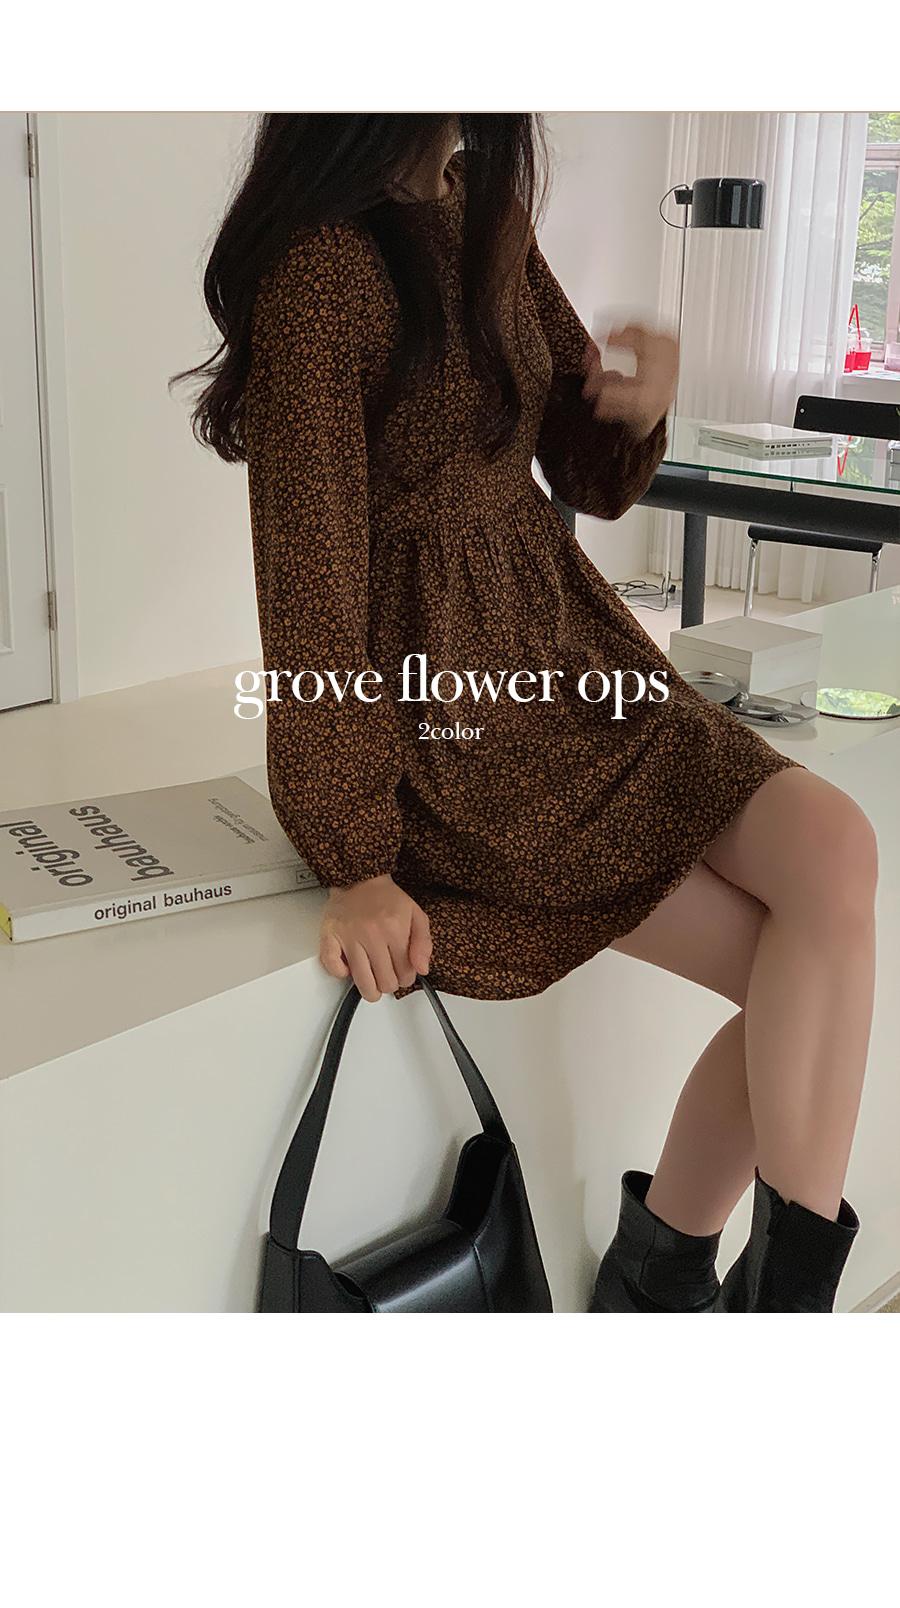 Grove Flower Dress